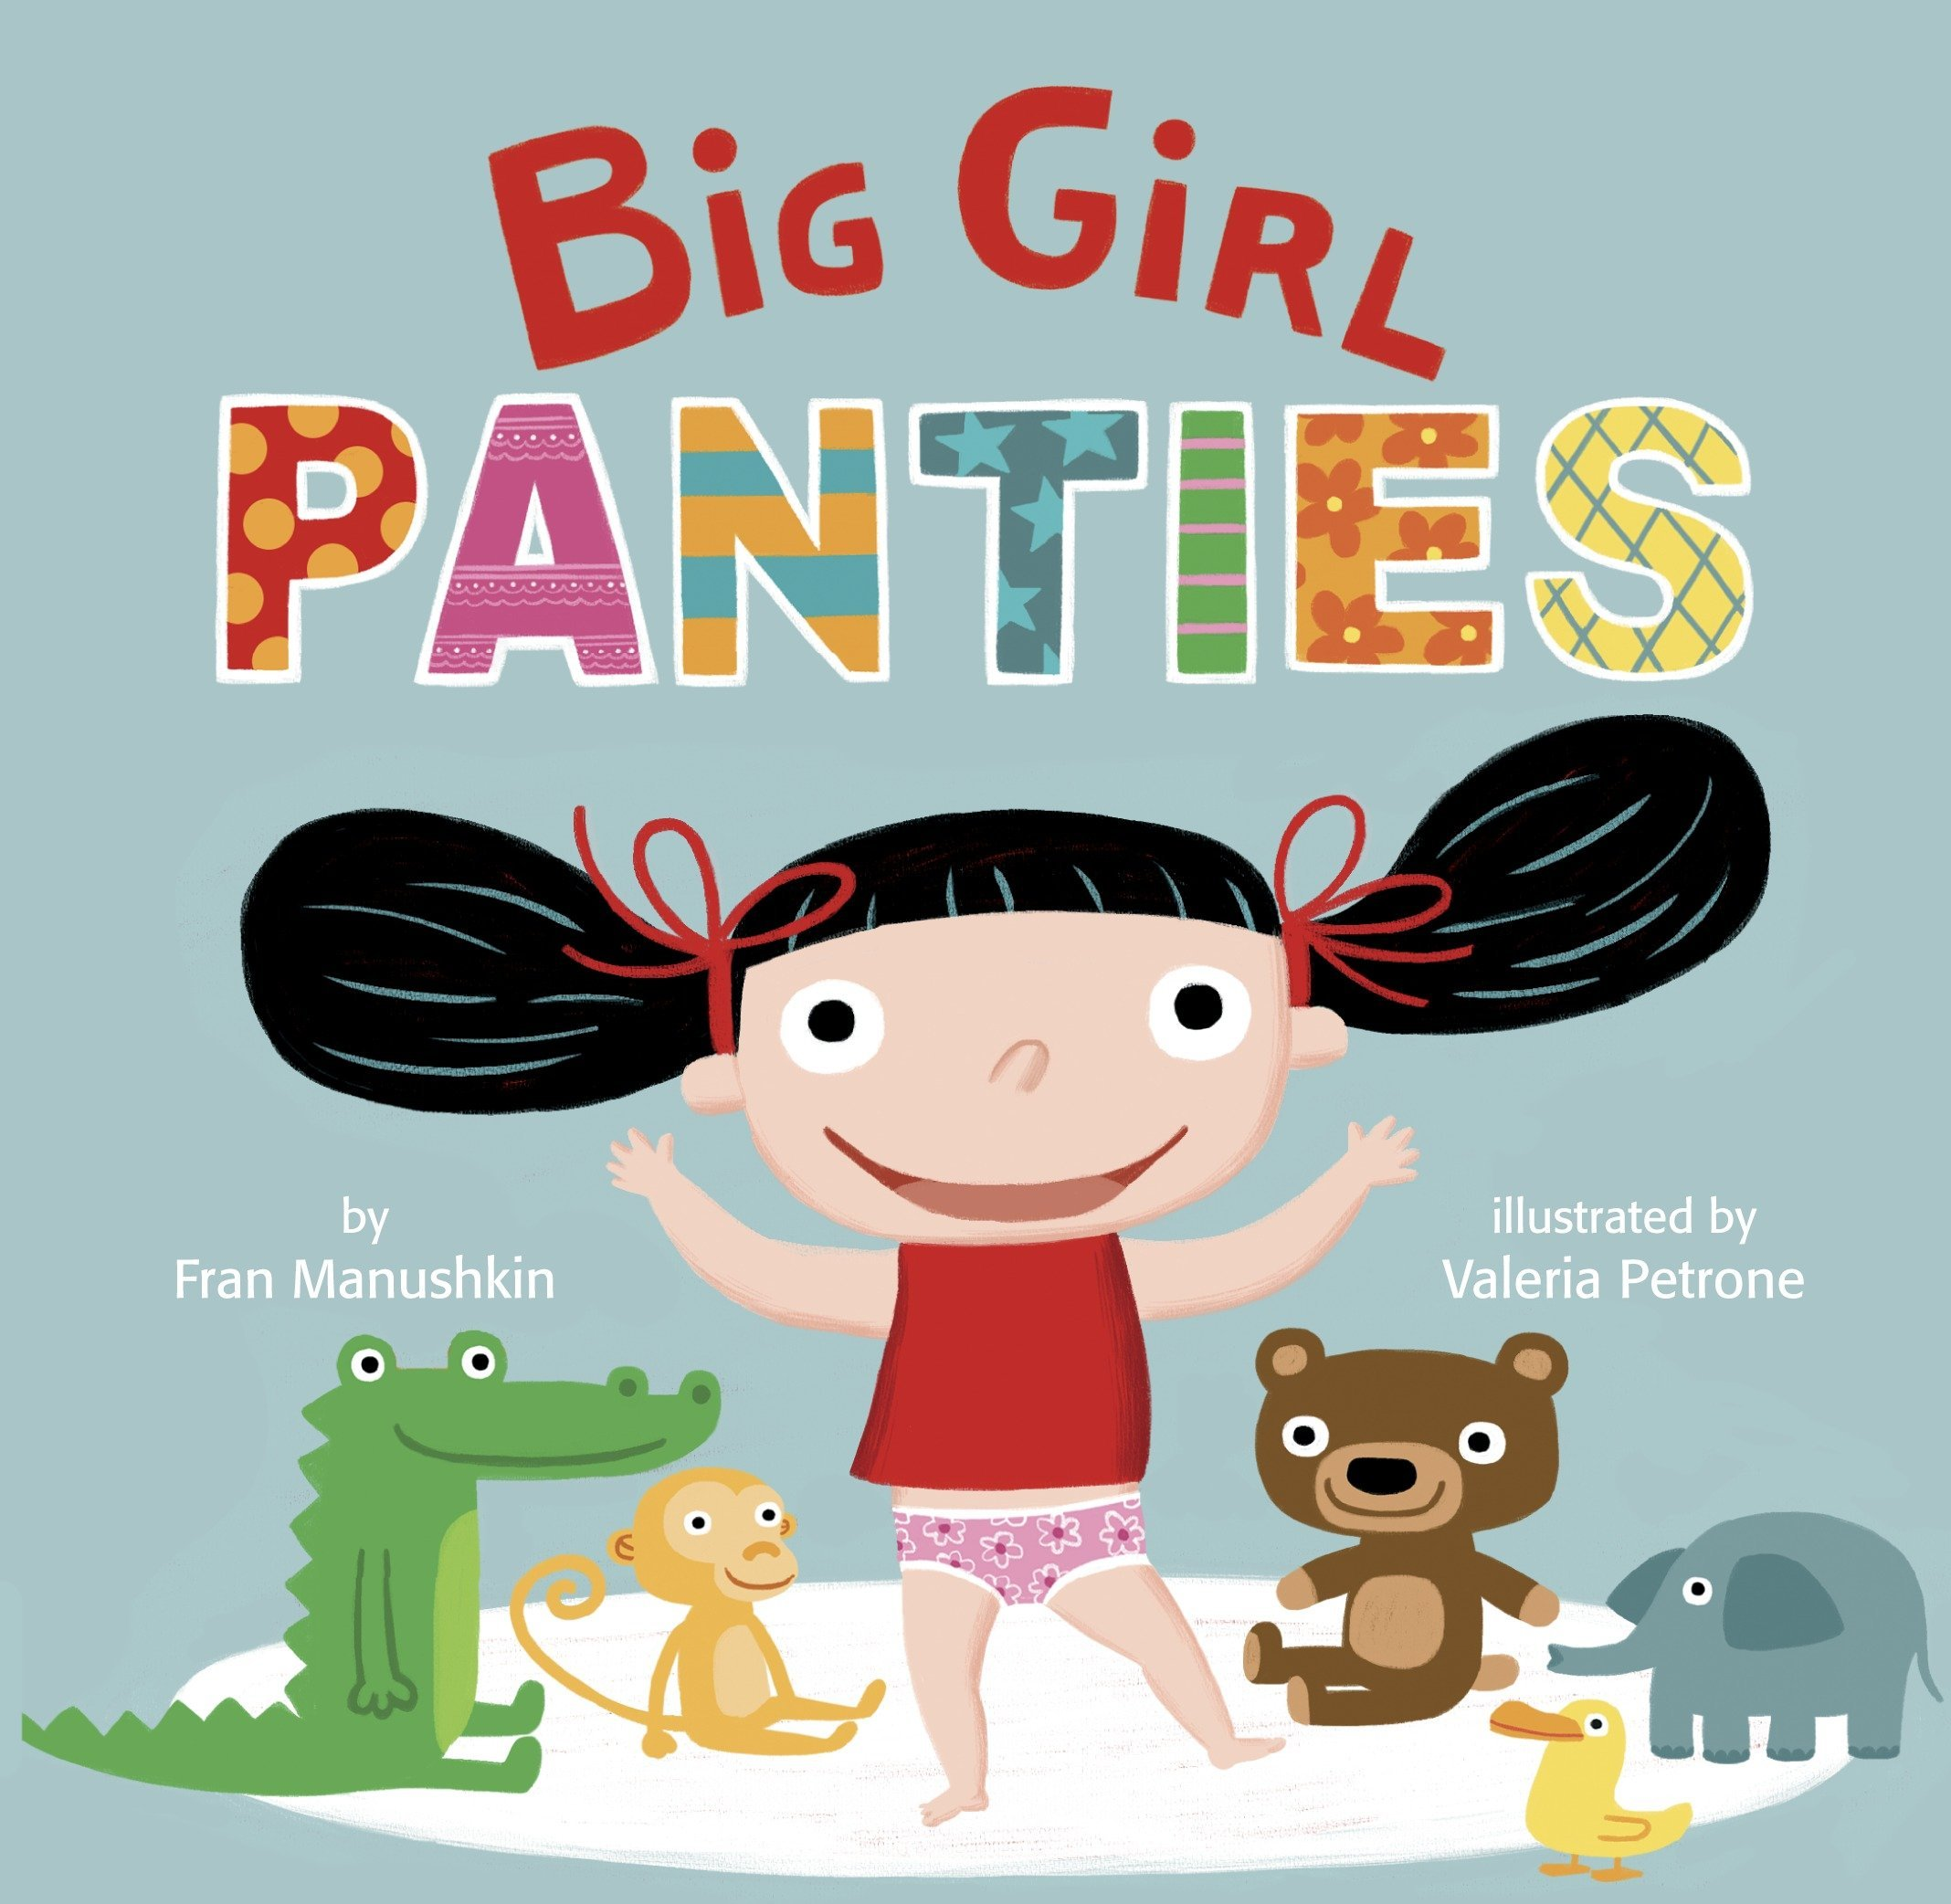 Big girl panty pics